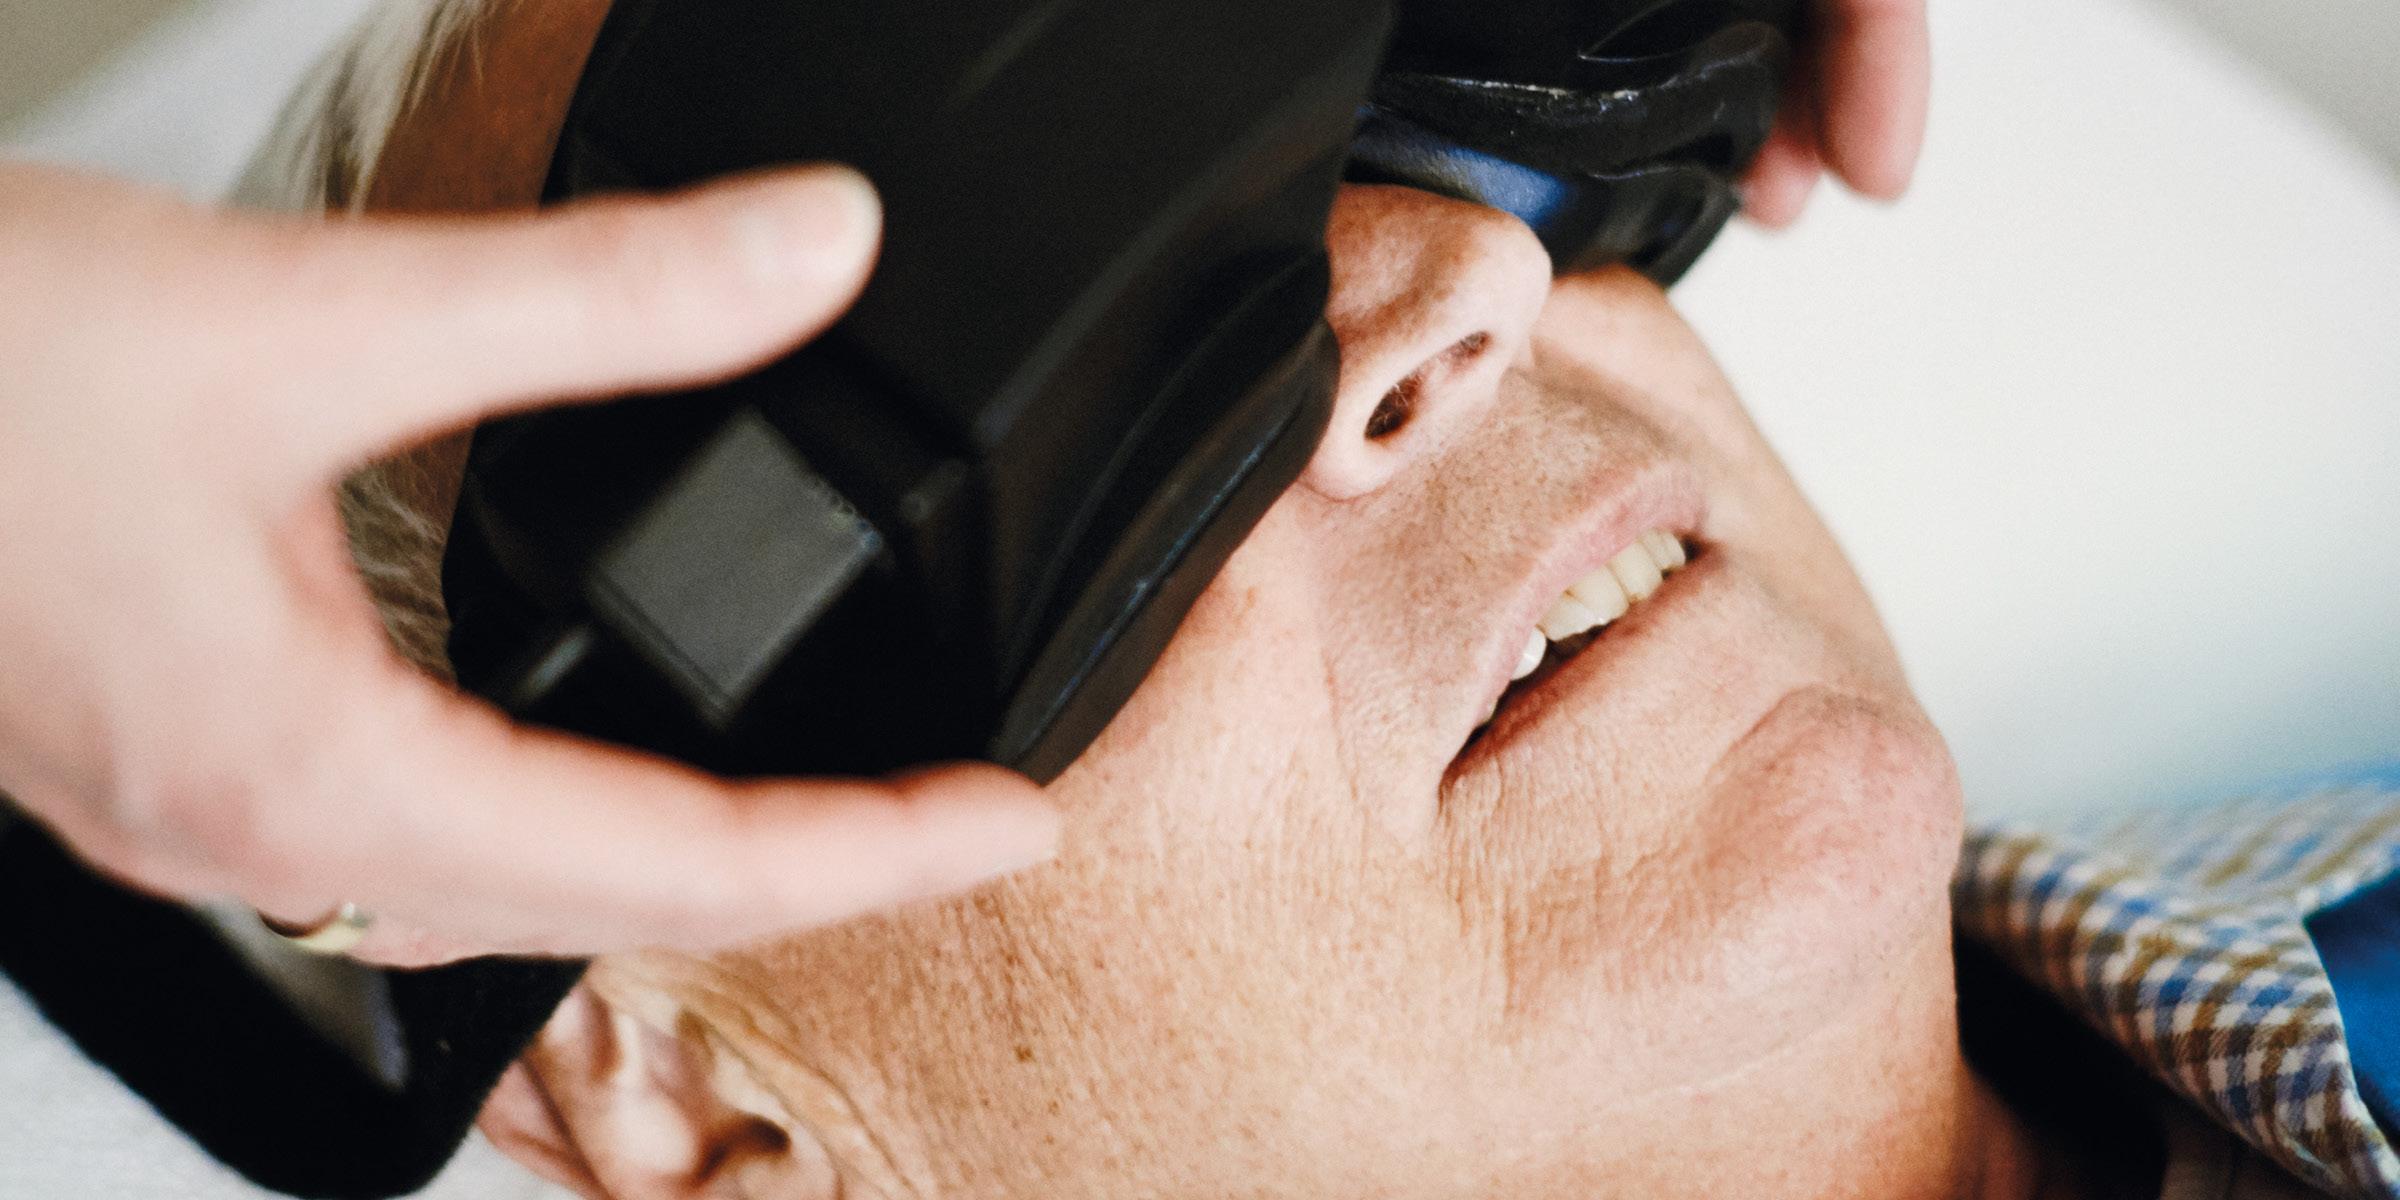 """Bei einer Schwindelsymptomatik führt die HNO Praxis Dr. Brigitte Krug eine so genannte """"Videonystagmographie"""" für ihre Patienten aus Weinheim und Umgebung - wie beispielsweise Birkenau, Hemsbach, Schriesheim, Heddesheim und Hirschberg - durch"""